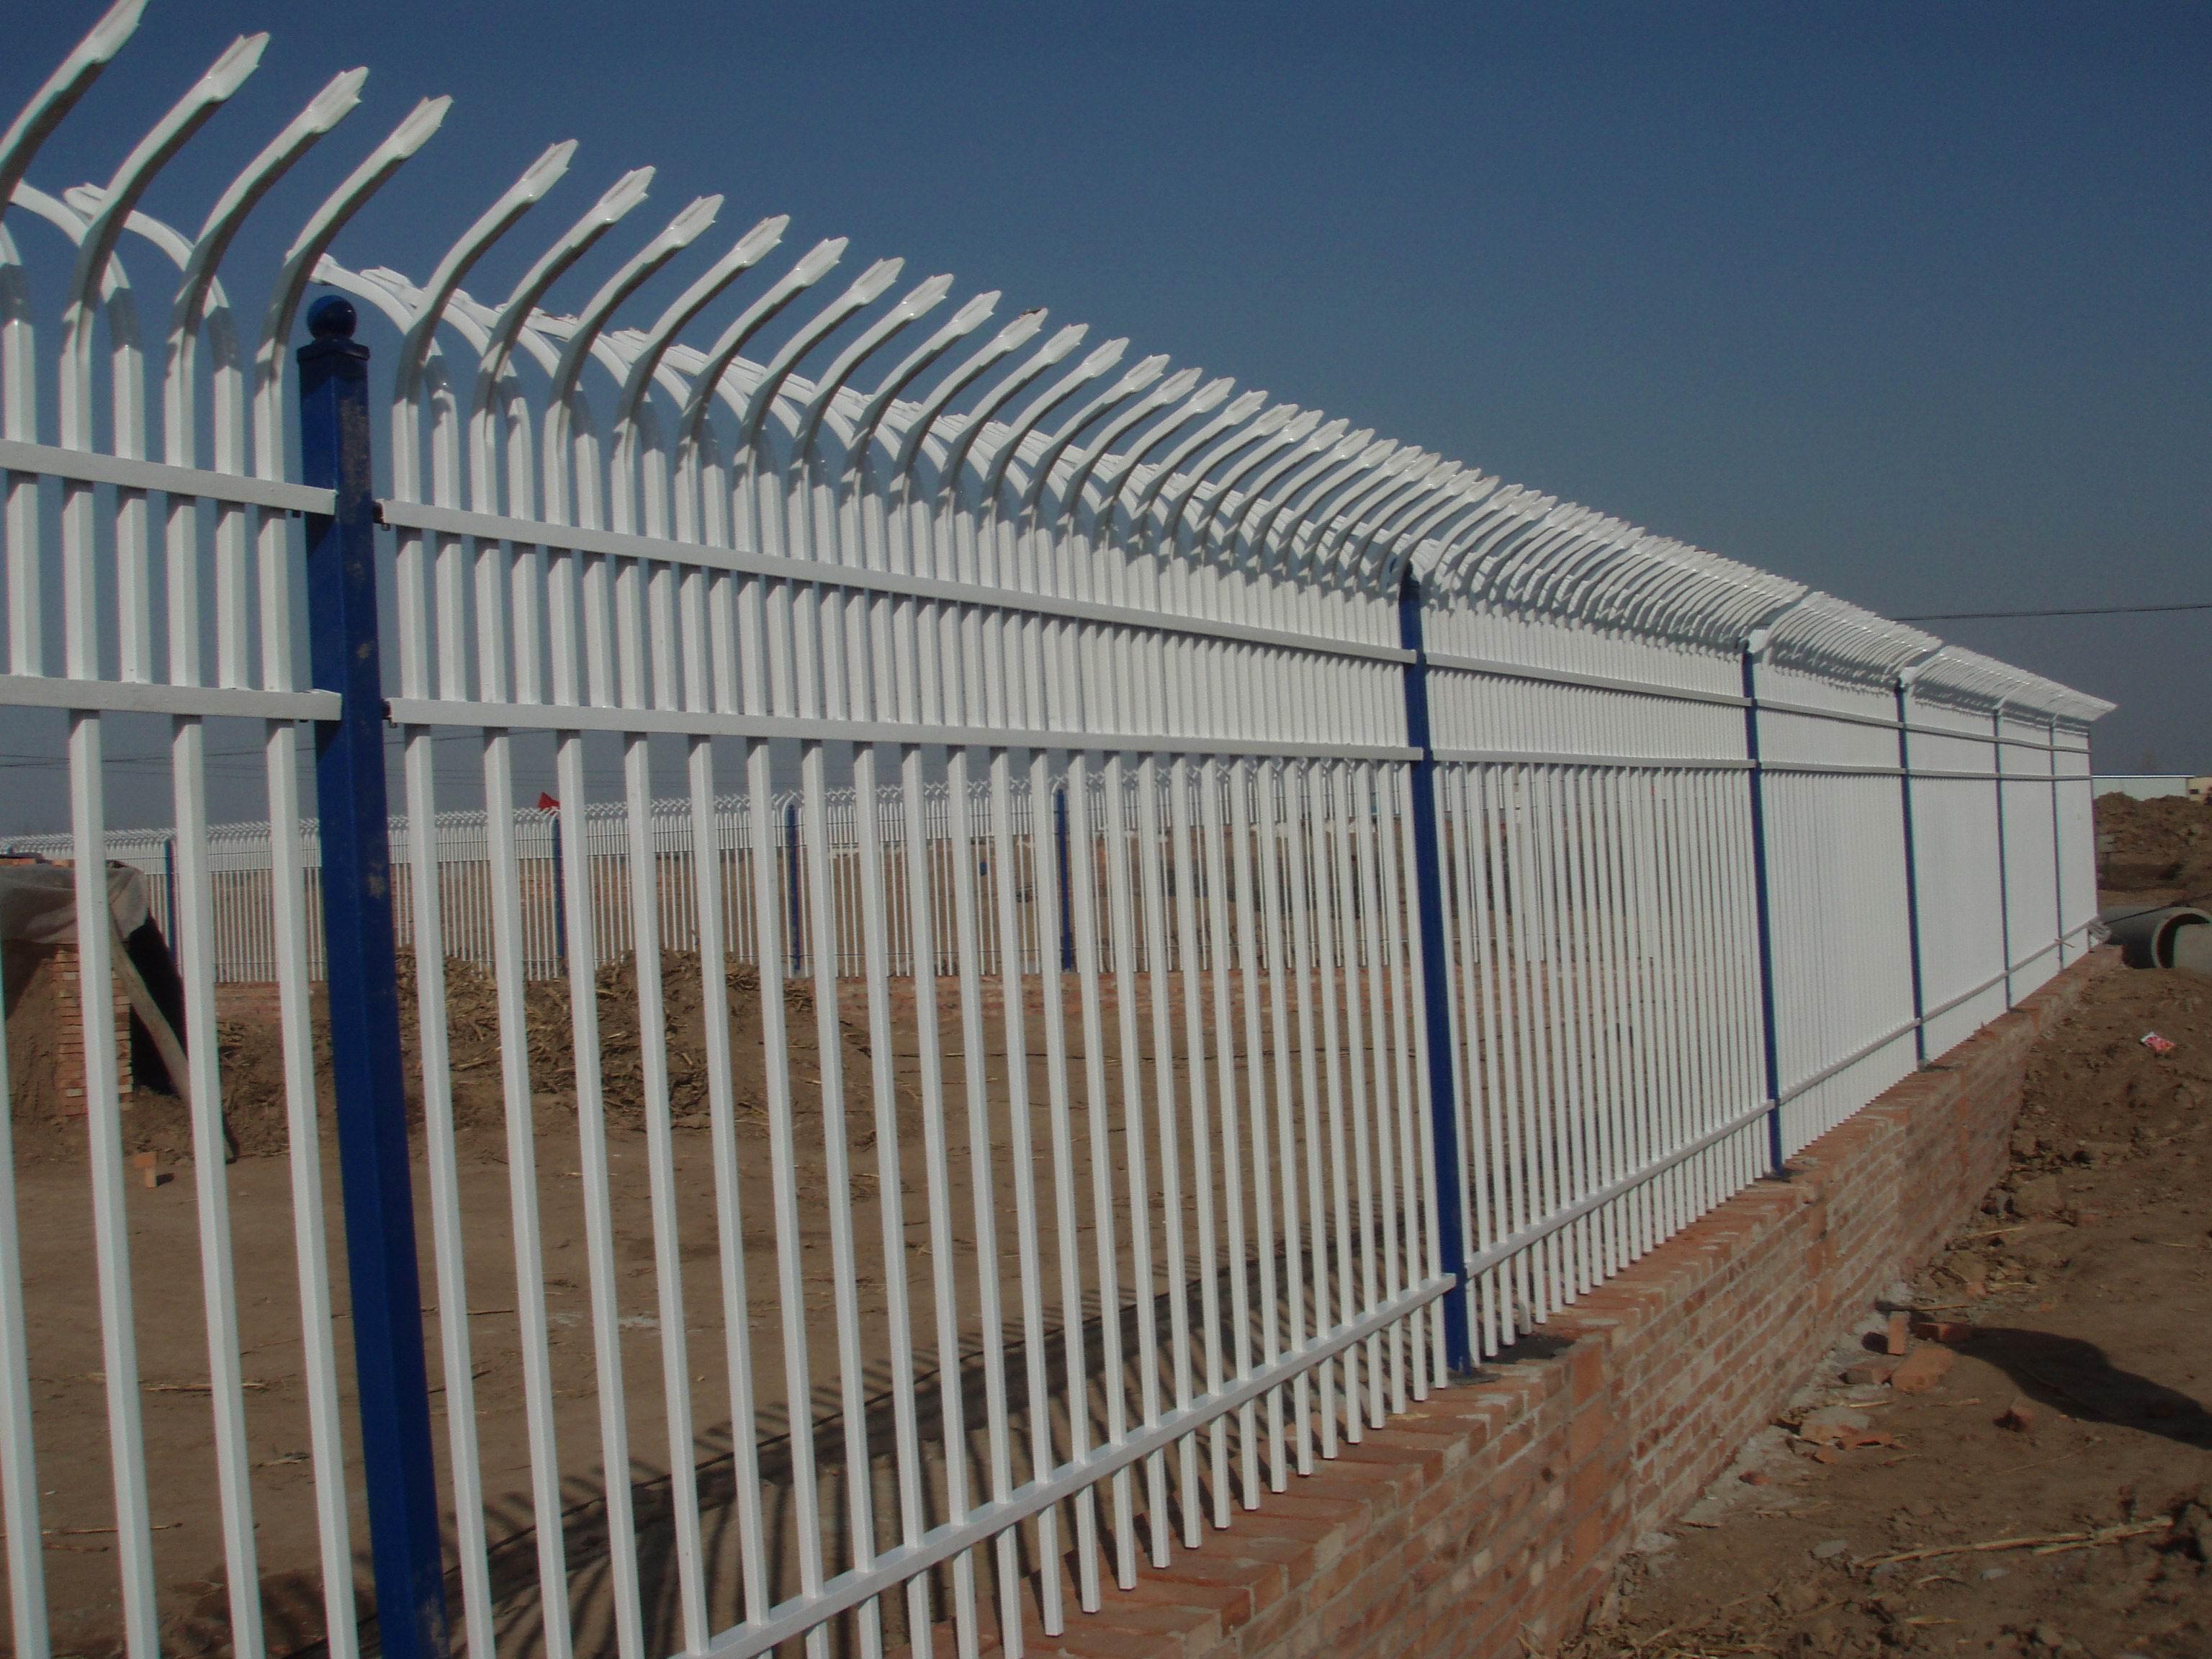 锌钢护栏厂价格贵州贵阳锌钢护栏四川成都锌钢护栏重庆锌钢护栏小区护栏